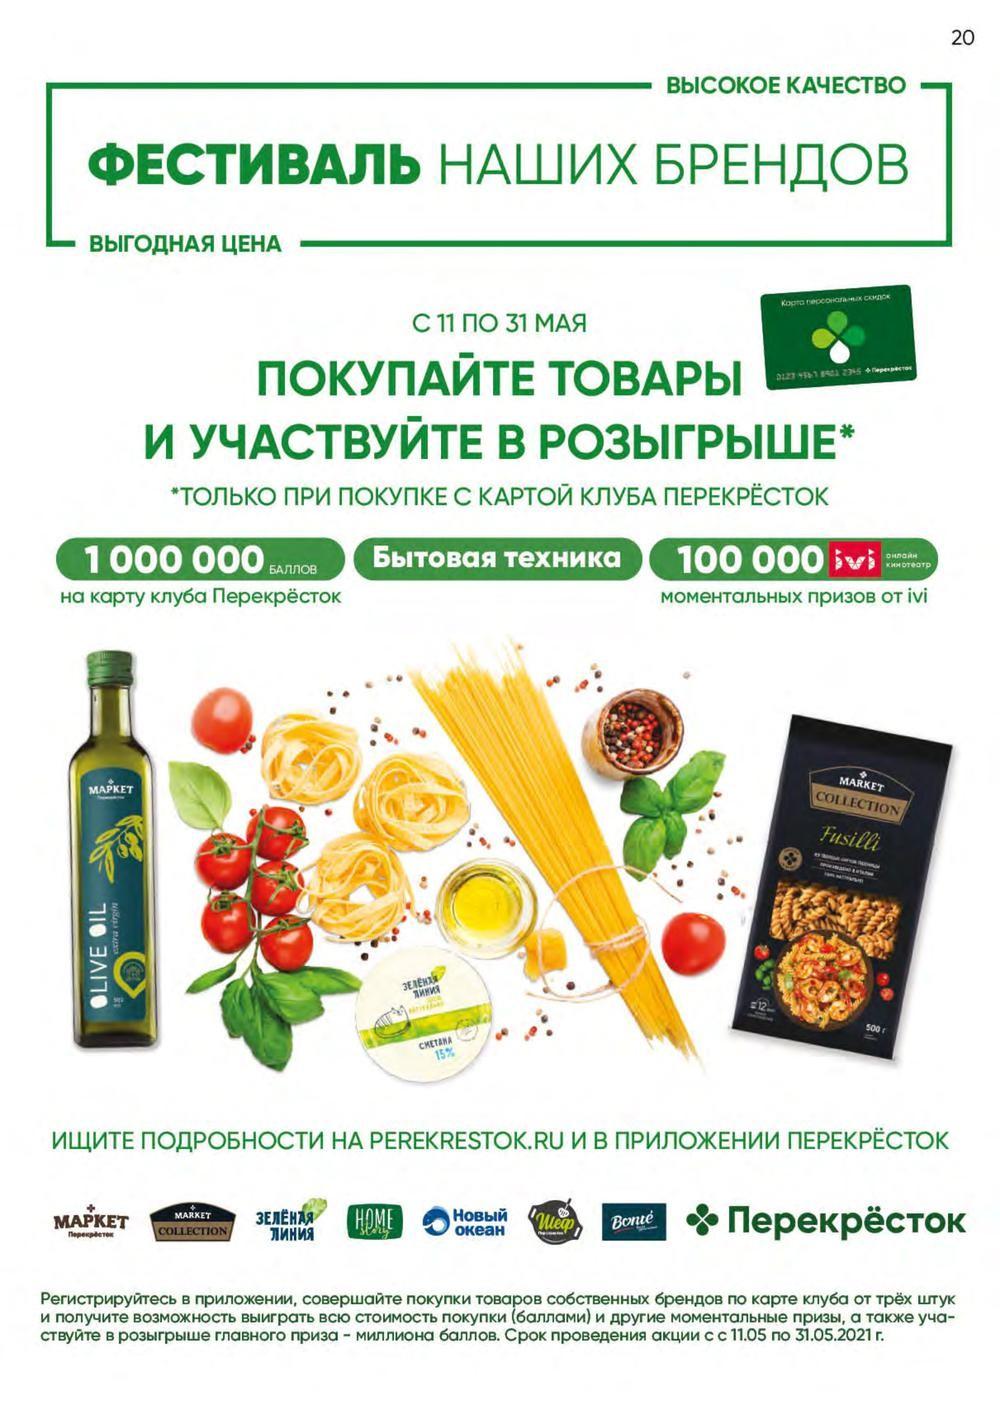 Новые суперцены в Перекрестке г. Москва